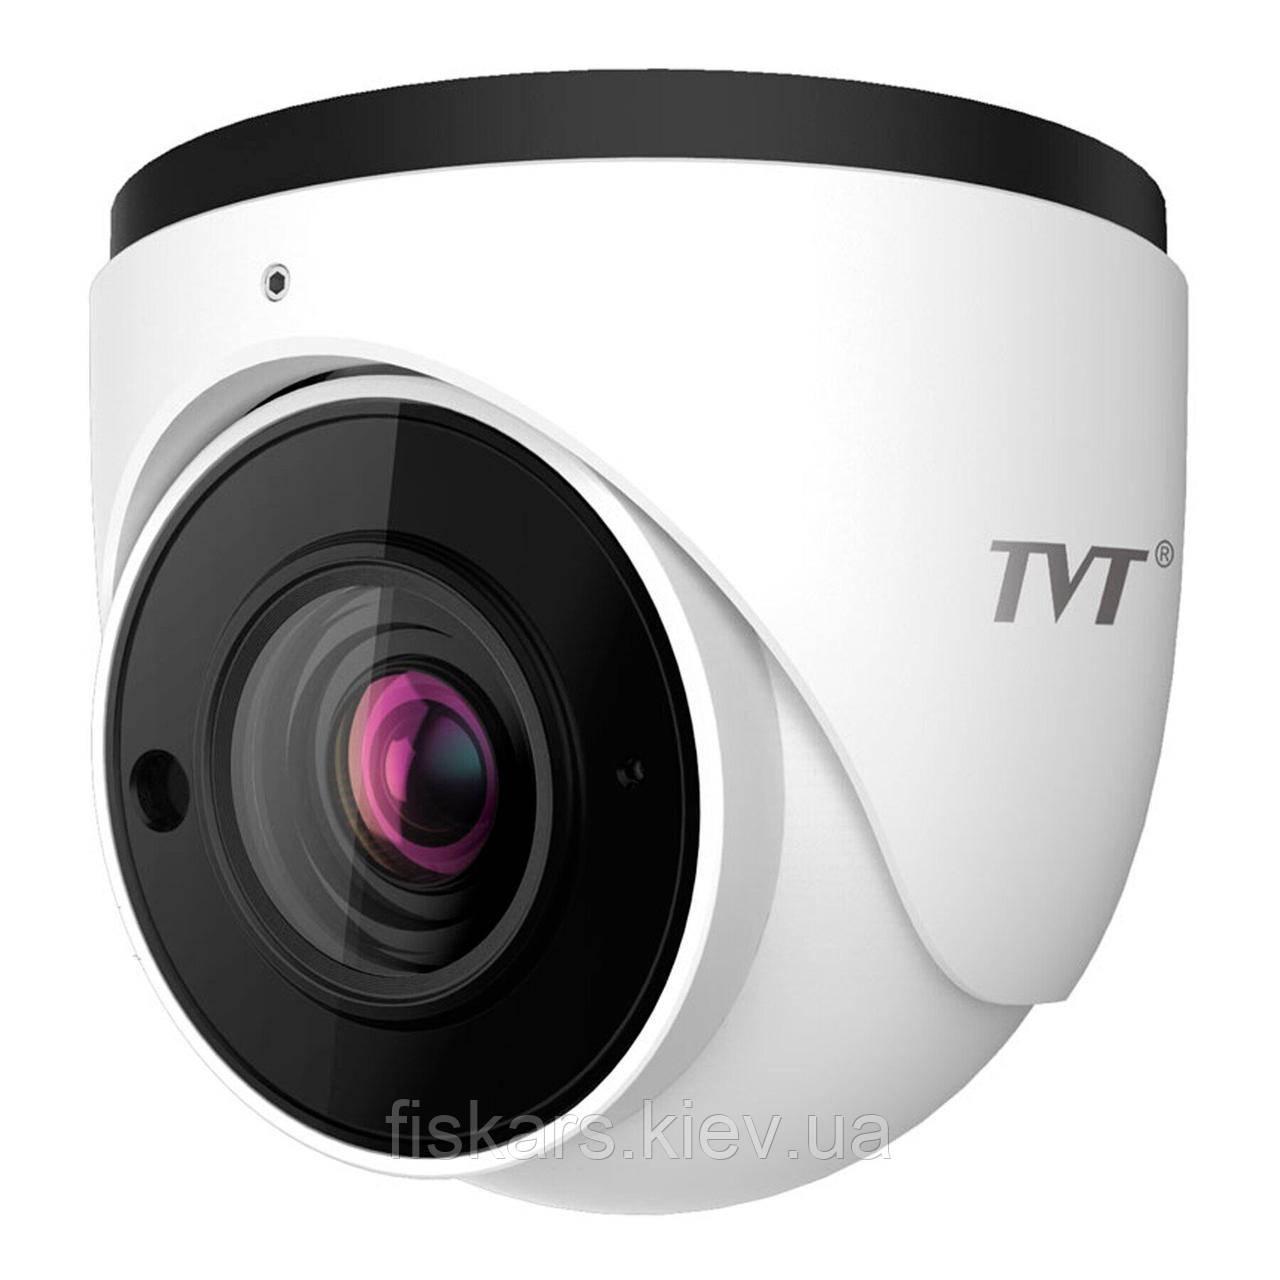 2 Мп мережева відеокамера TVT Digital TD-9525S3 (D/FZ/PE/AR3)